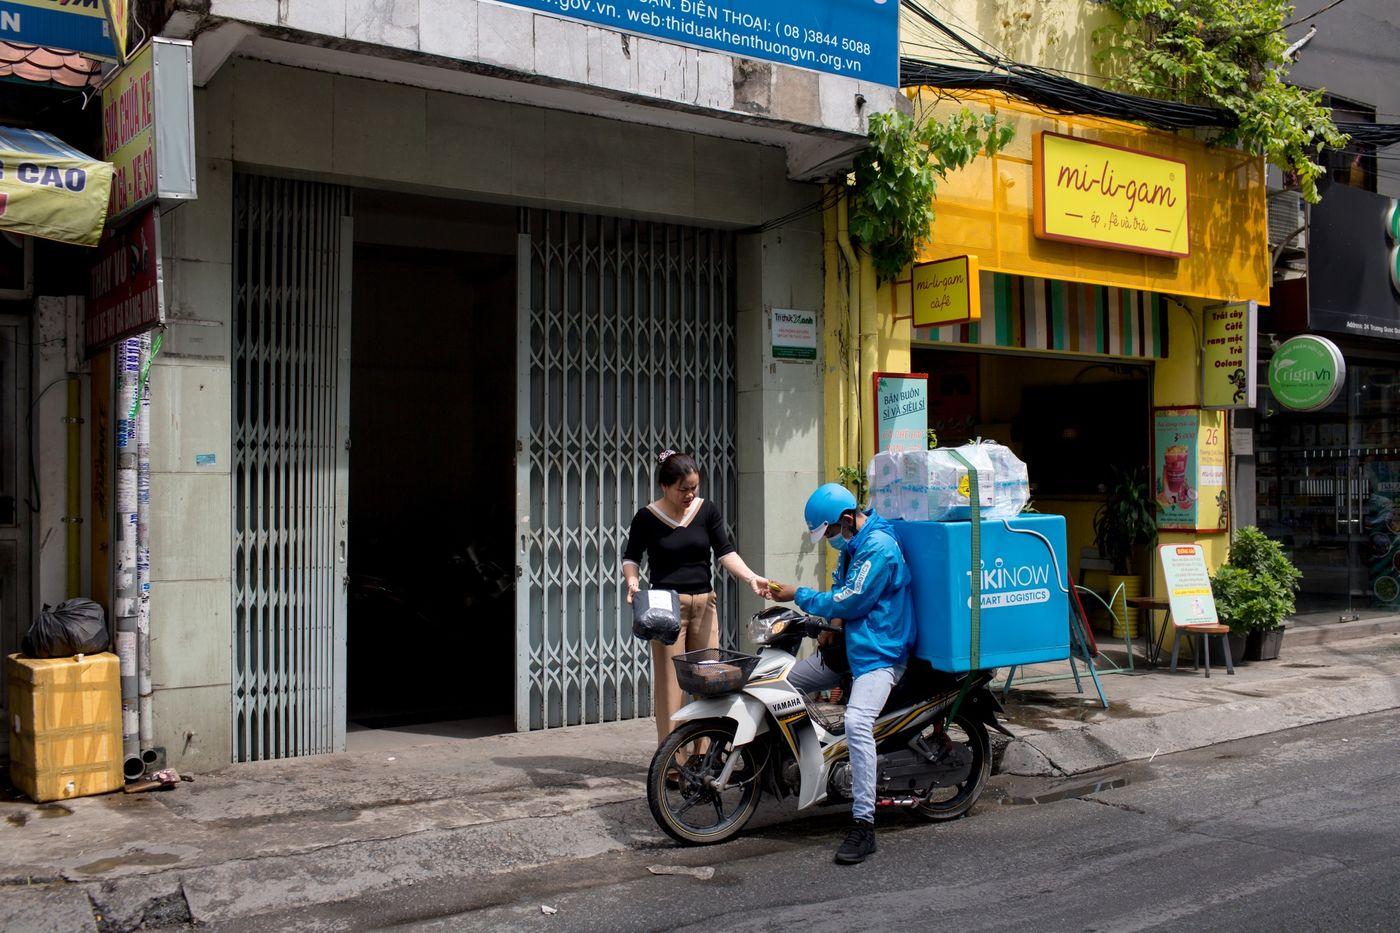 Một nhân viên chuyển phát nhanh của Tiki giao hàng cho một khách hàng ở thành phố Hồ Chí Minh vào ngày 24/5.Nhiếp ảnh gia: Yến Dương / Bloomberg